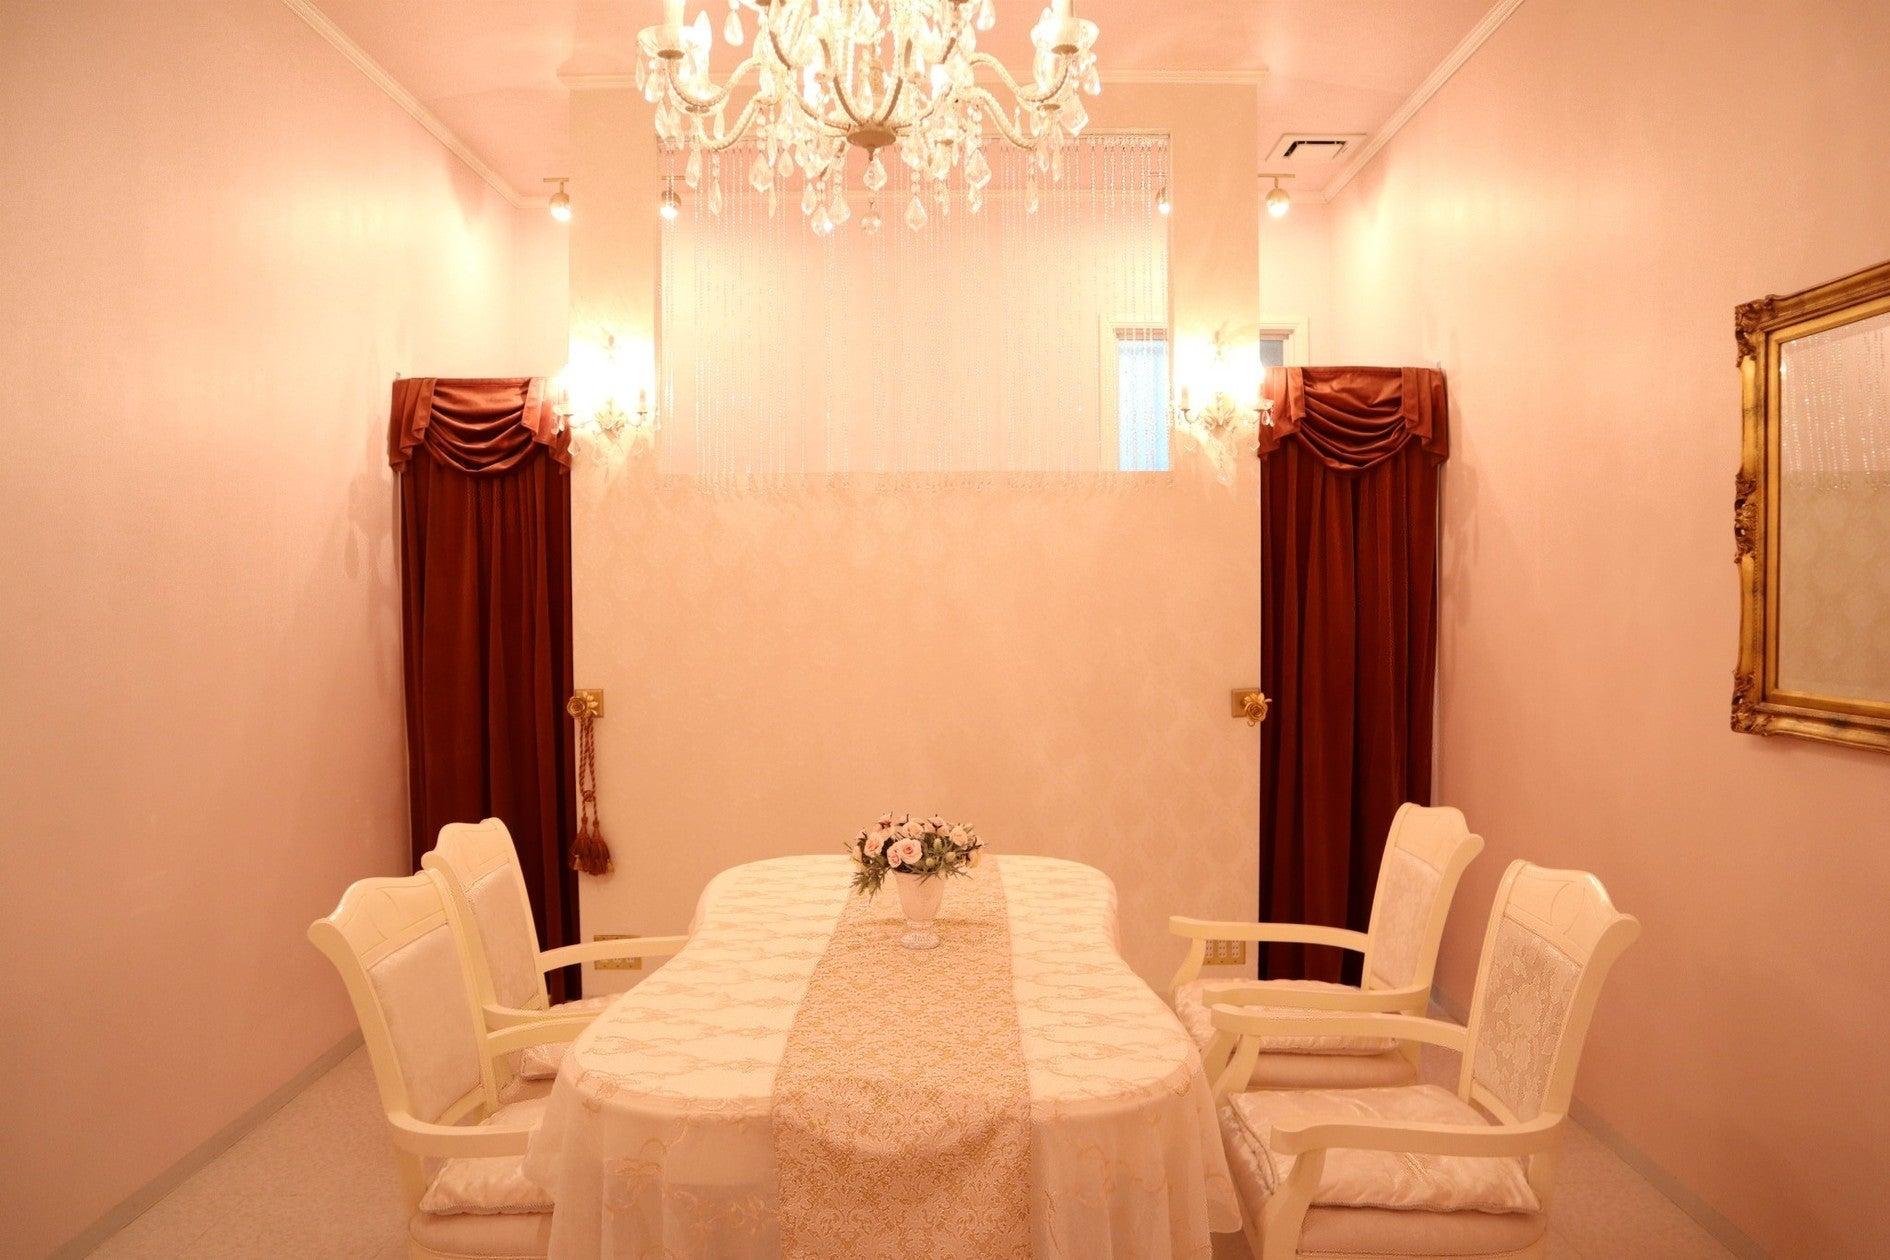 桃★☆★レンタルスペースShinytime★☆★      the pink room